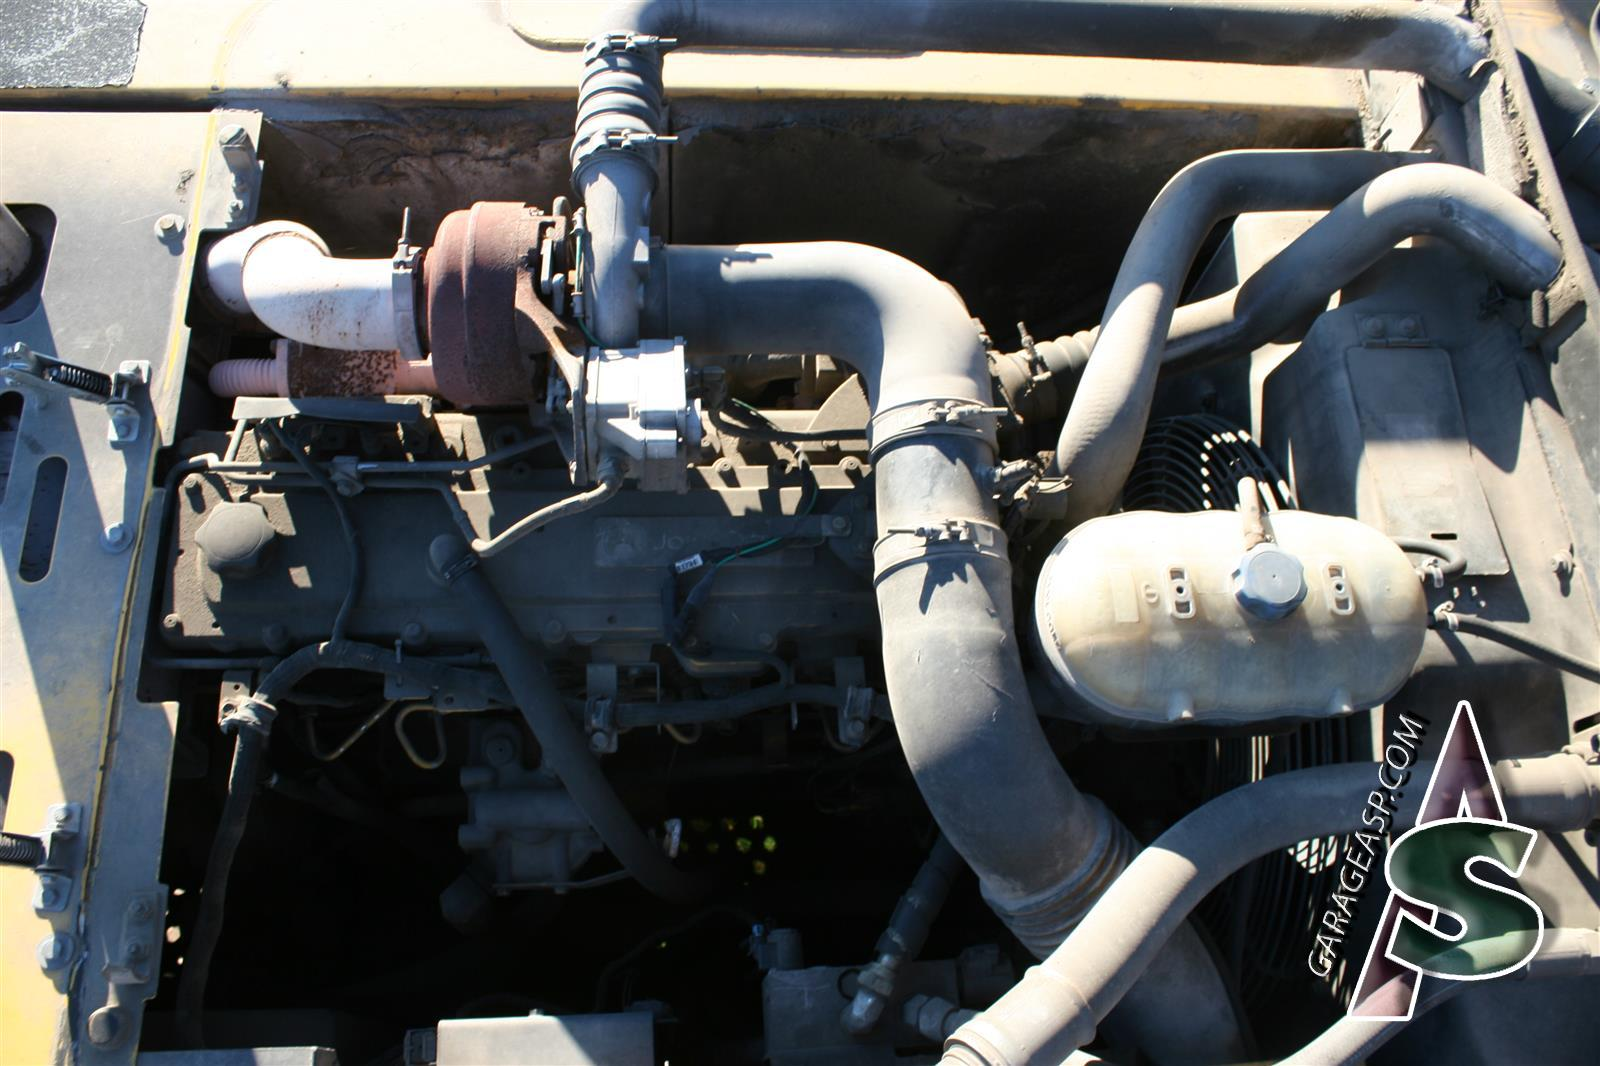 hight resolution of 628 john deere 350d engine chk 6090ht002 6090ht002 1718